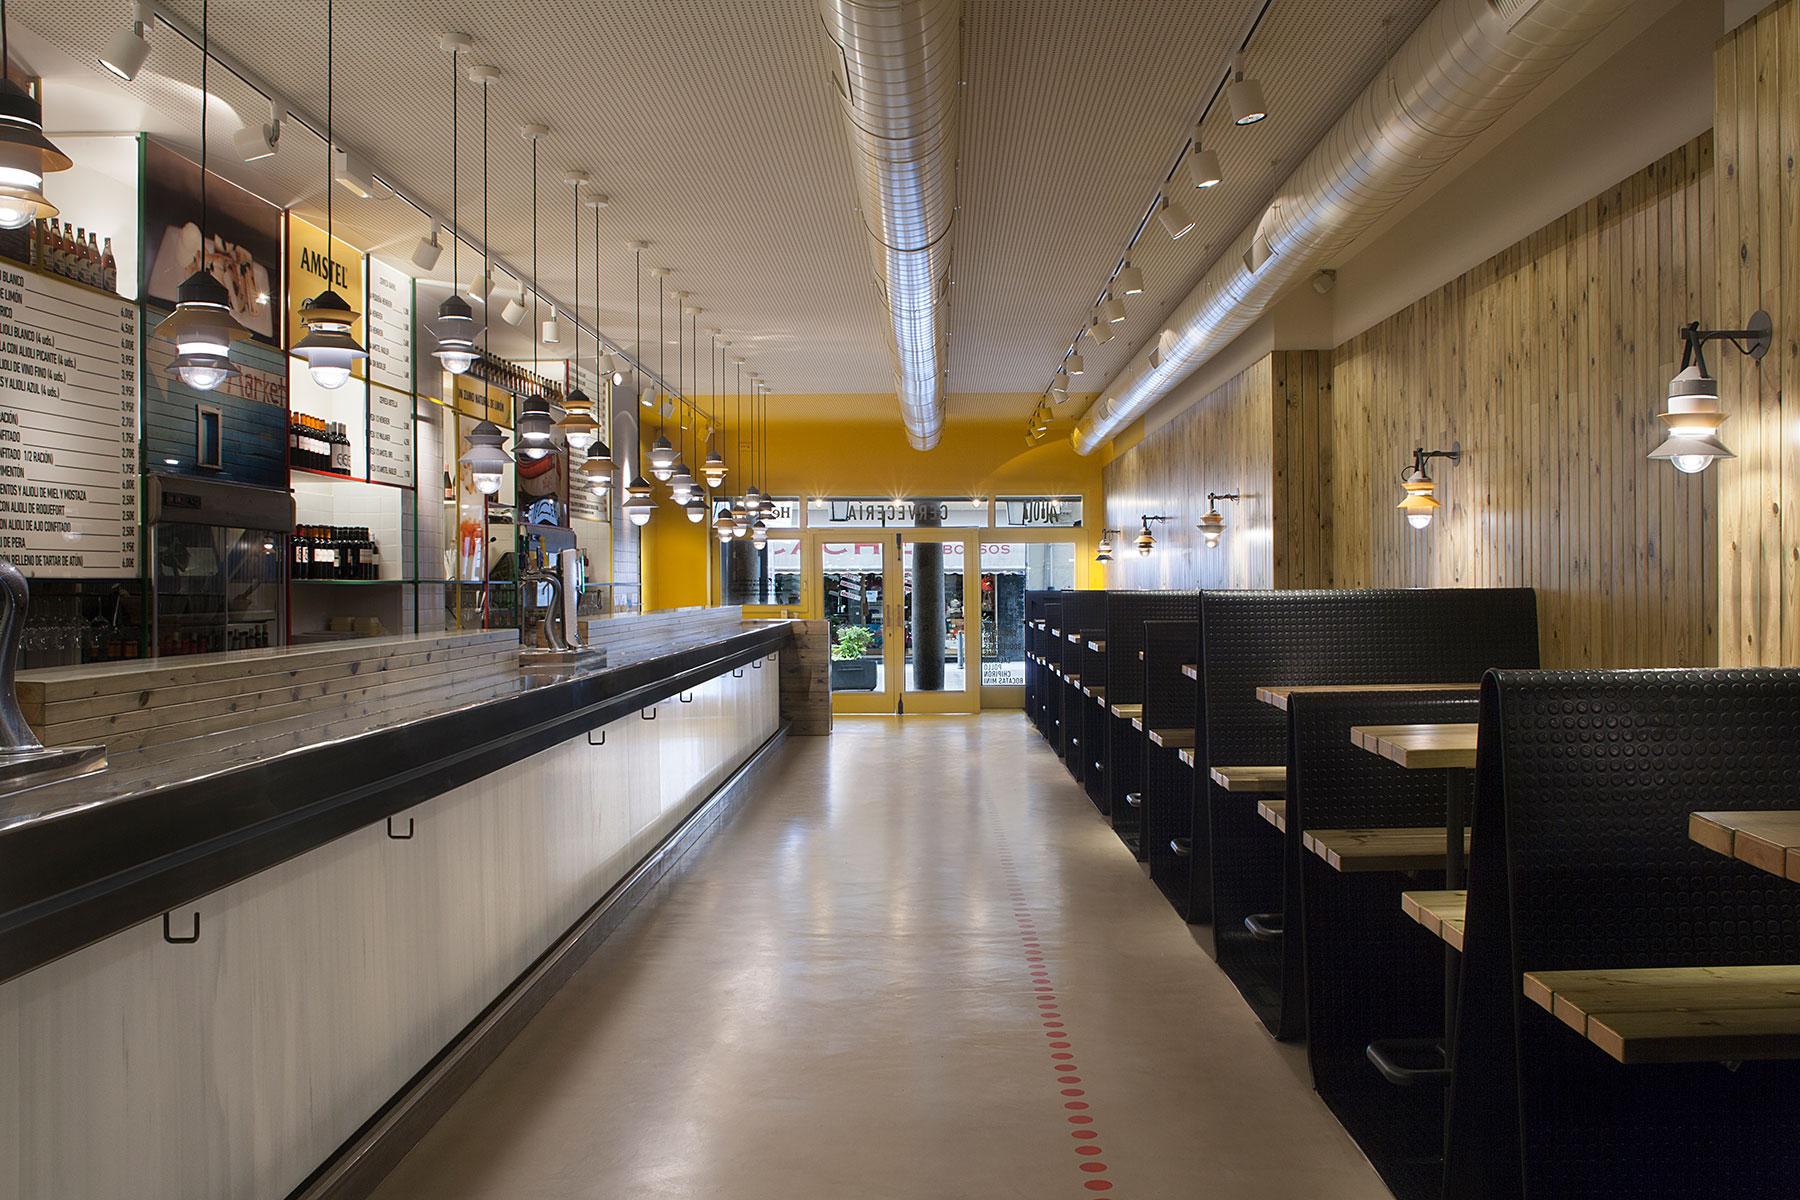 Restaurante alioli santorini 4 1800